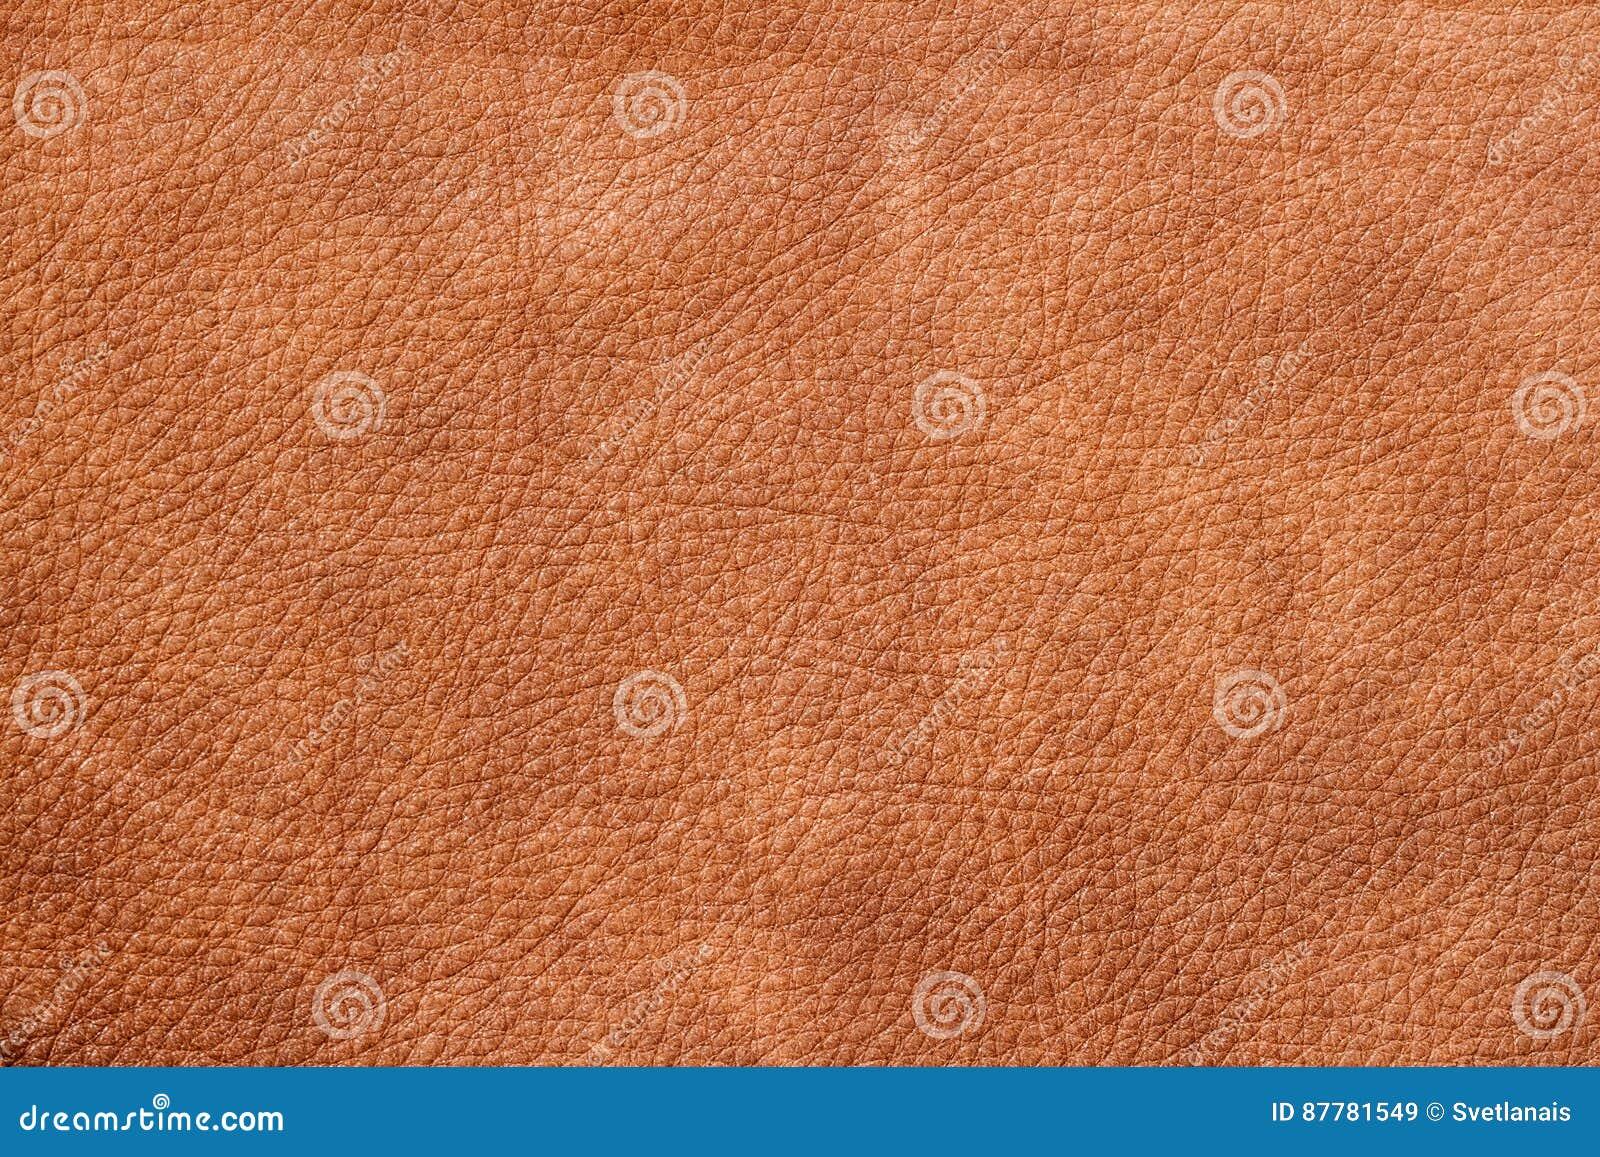 Textur av bakgrund för formgivaren, modell av yttersida för äktt läder för tappning medf8ort För bakgrund bakgrund